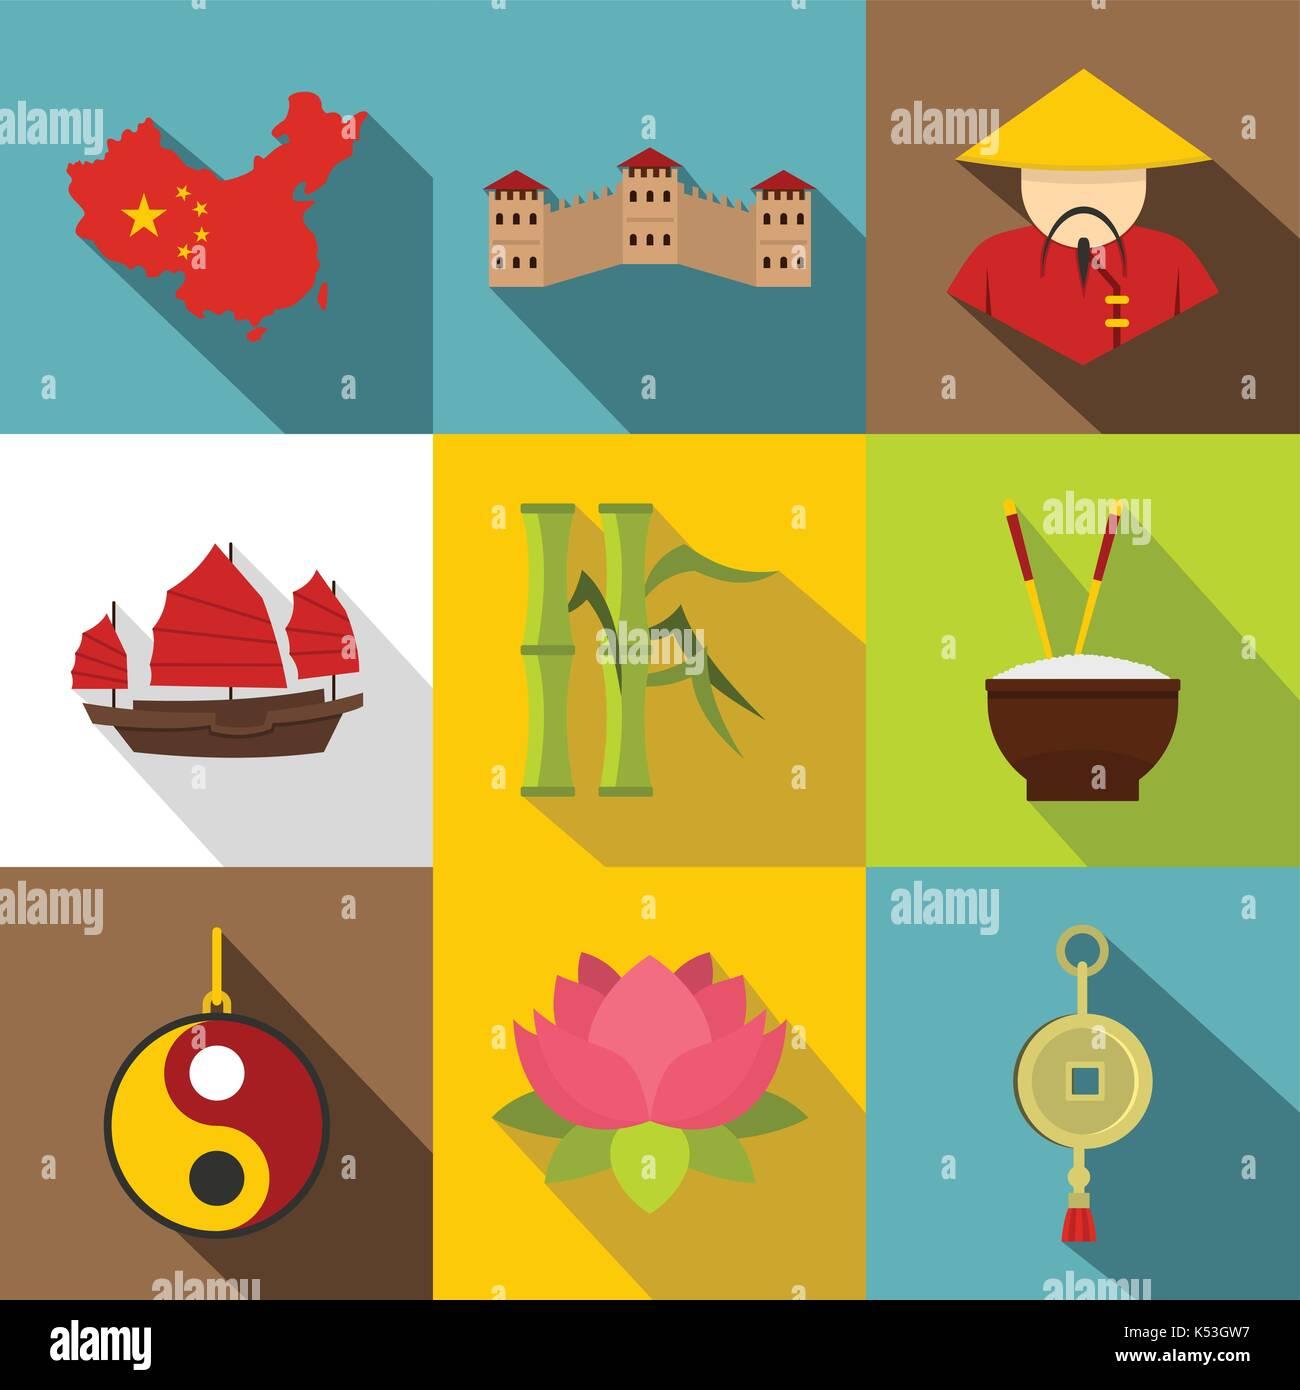 Great Wall China Map Stock Photos & Great Wall China Map Stock ...